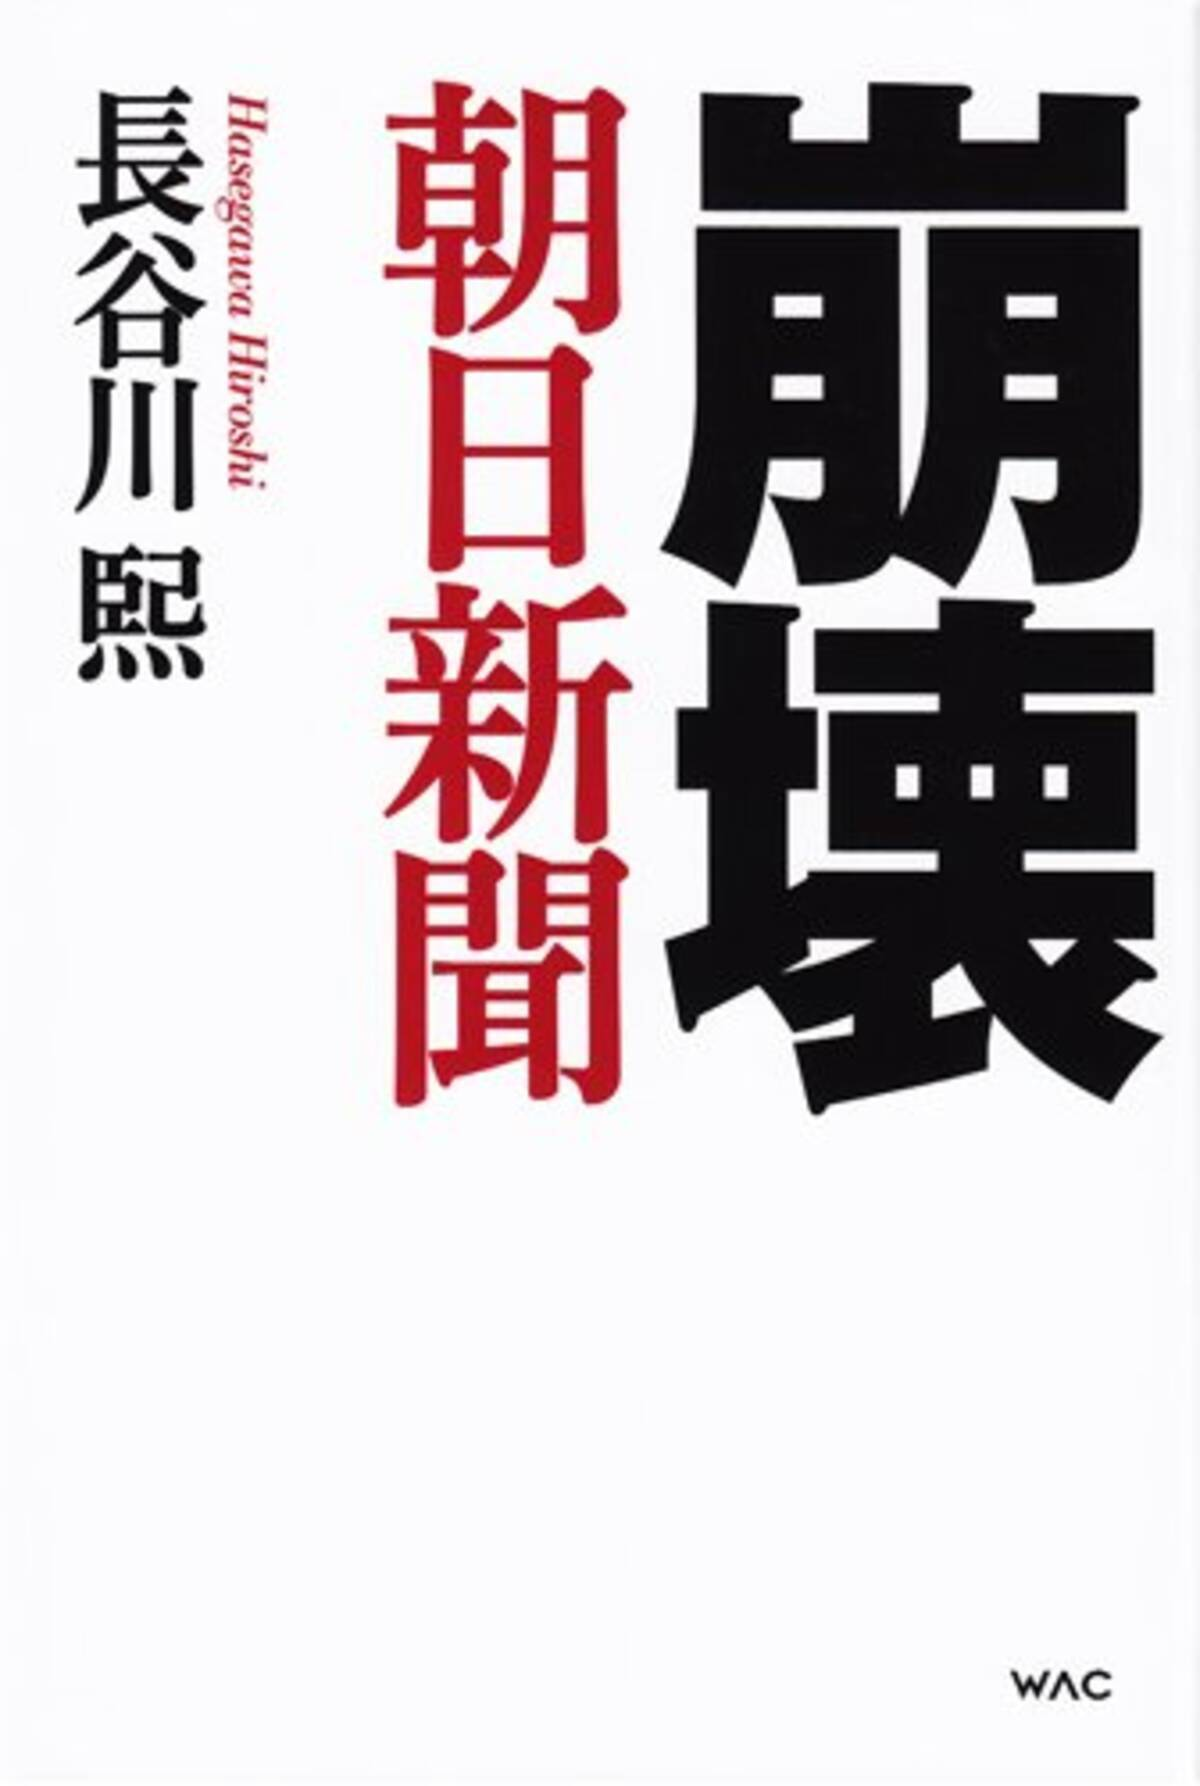 反日」行為? 朝日新聞社の珊瑚落書き事件 - エキサイトニュース